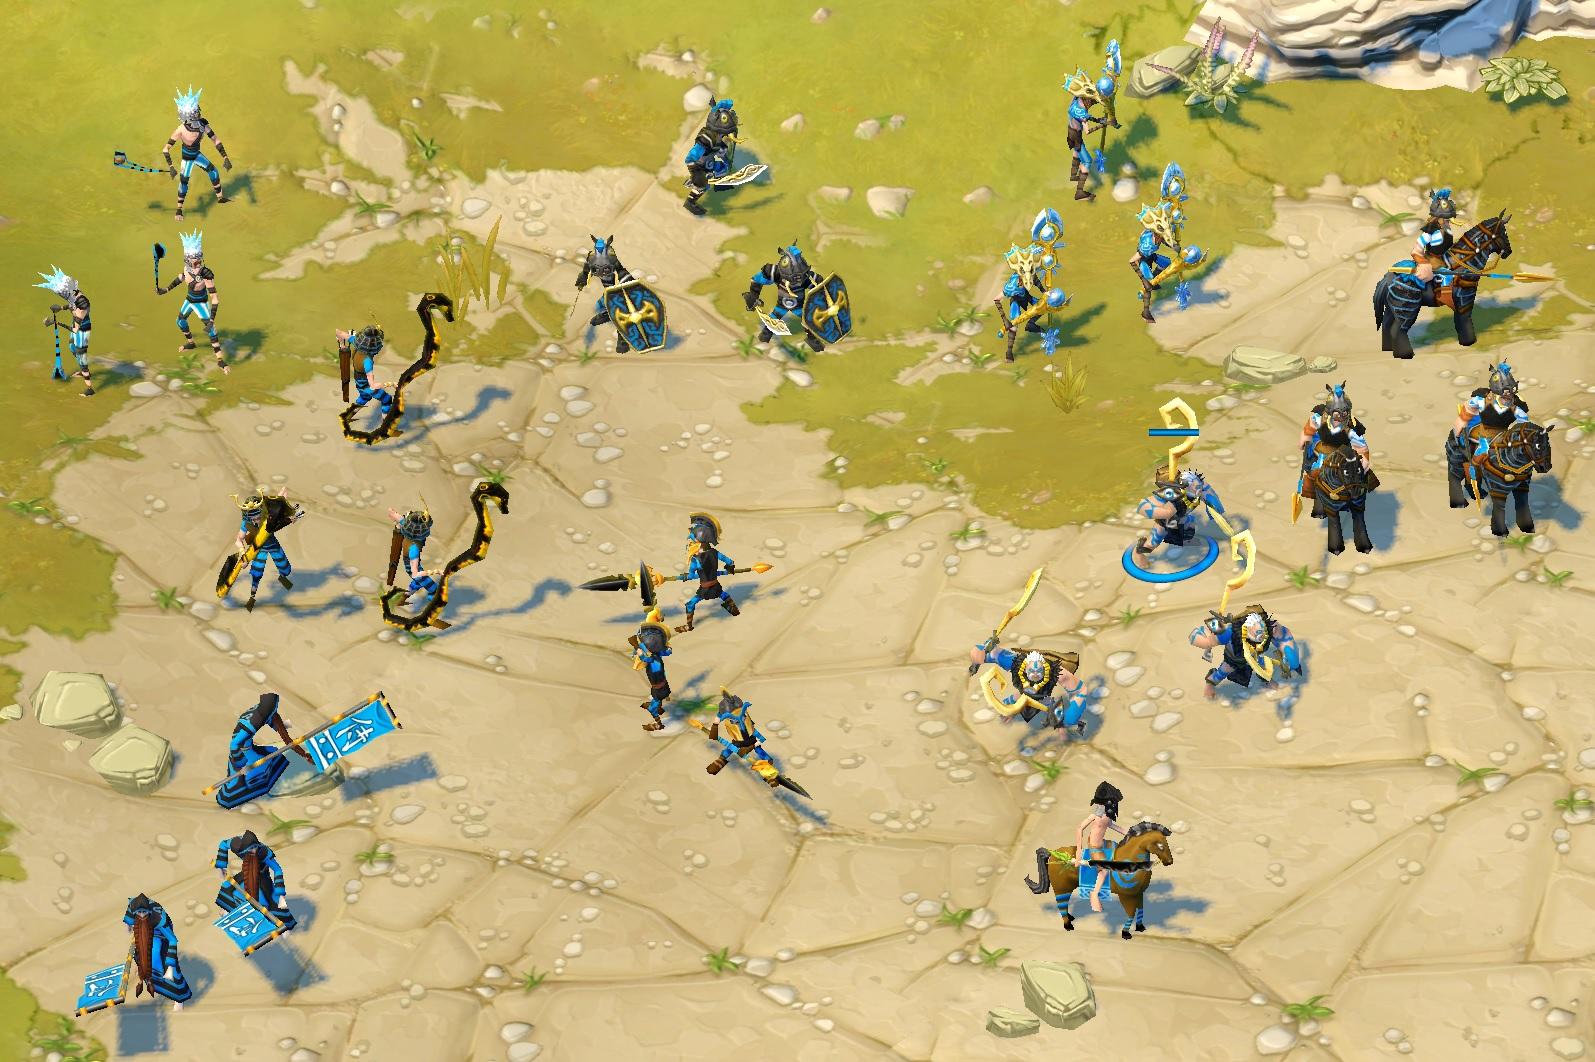 AoEo-vanity.screen.jpg